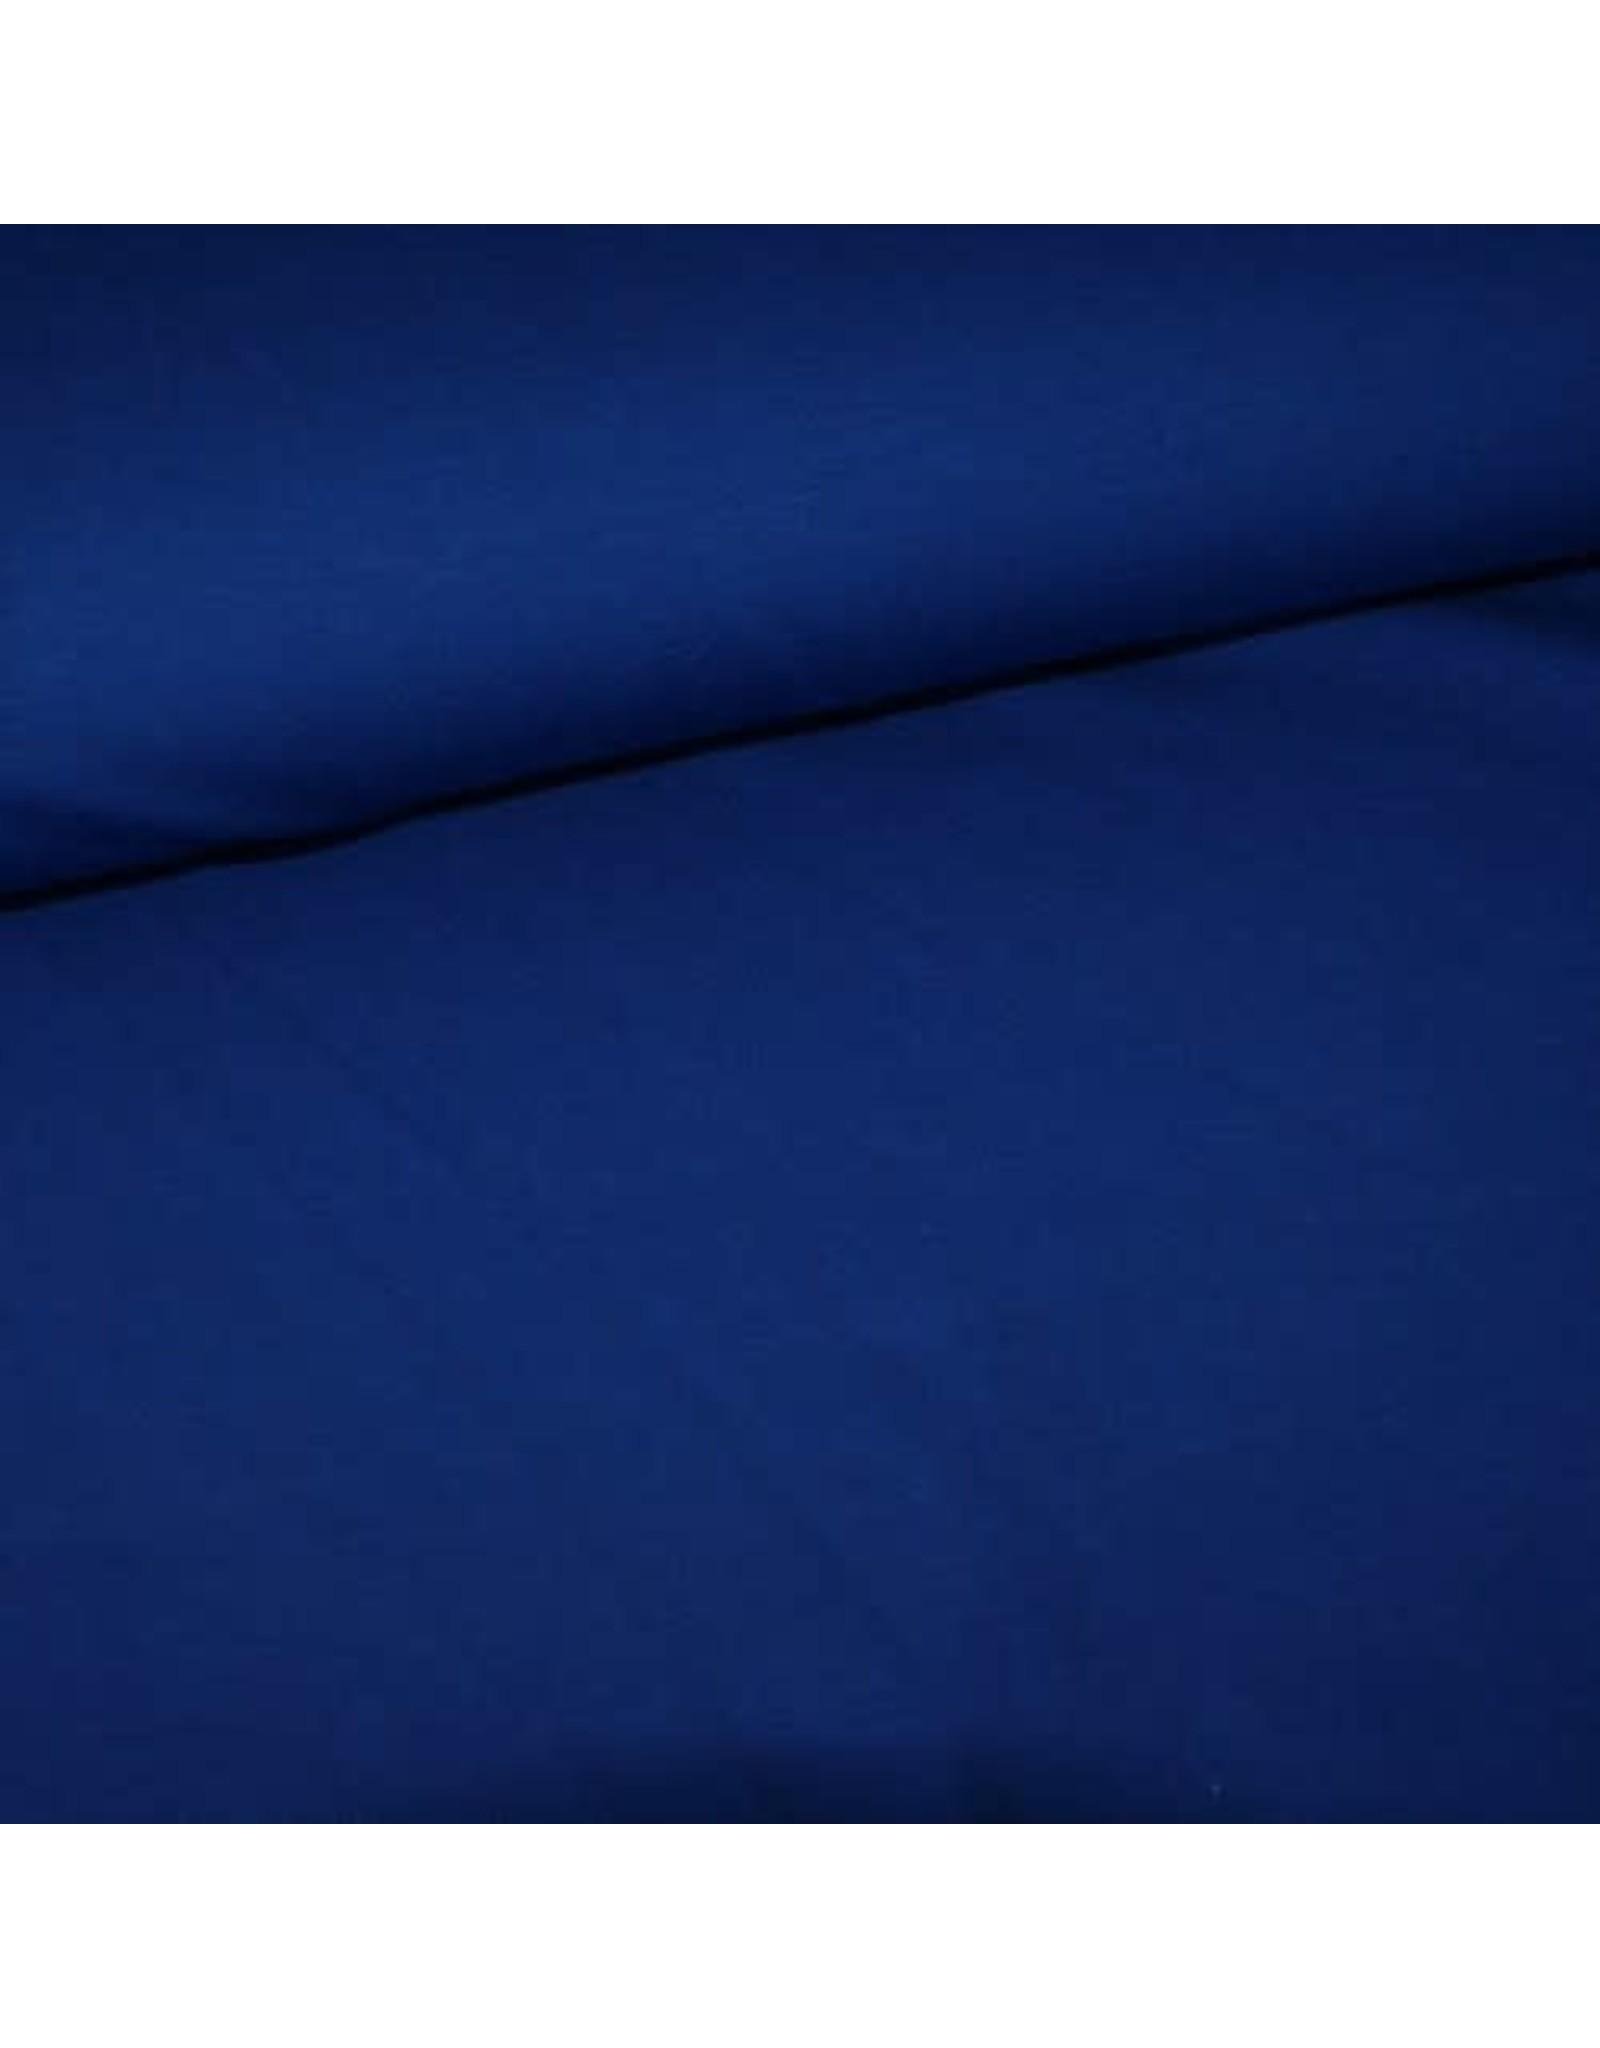 Stik-Stof Punta royal koningsblauw